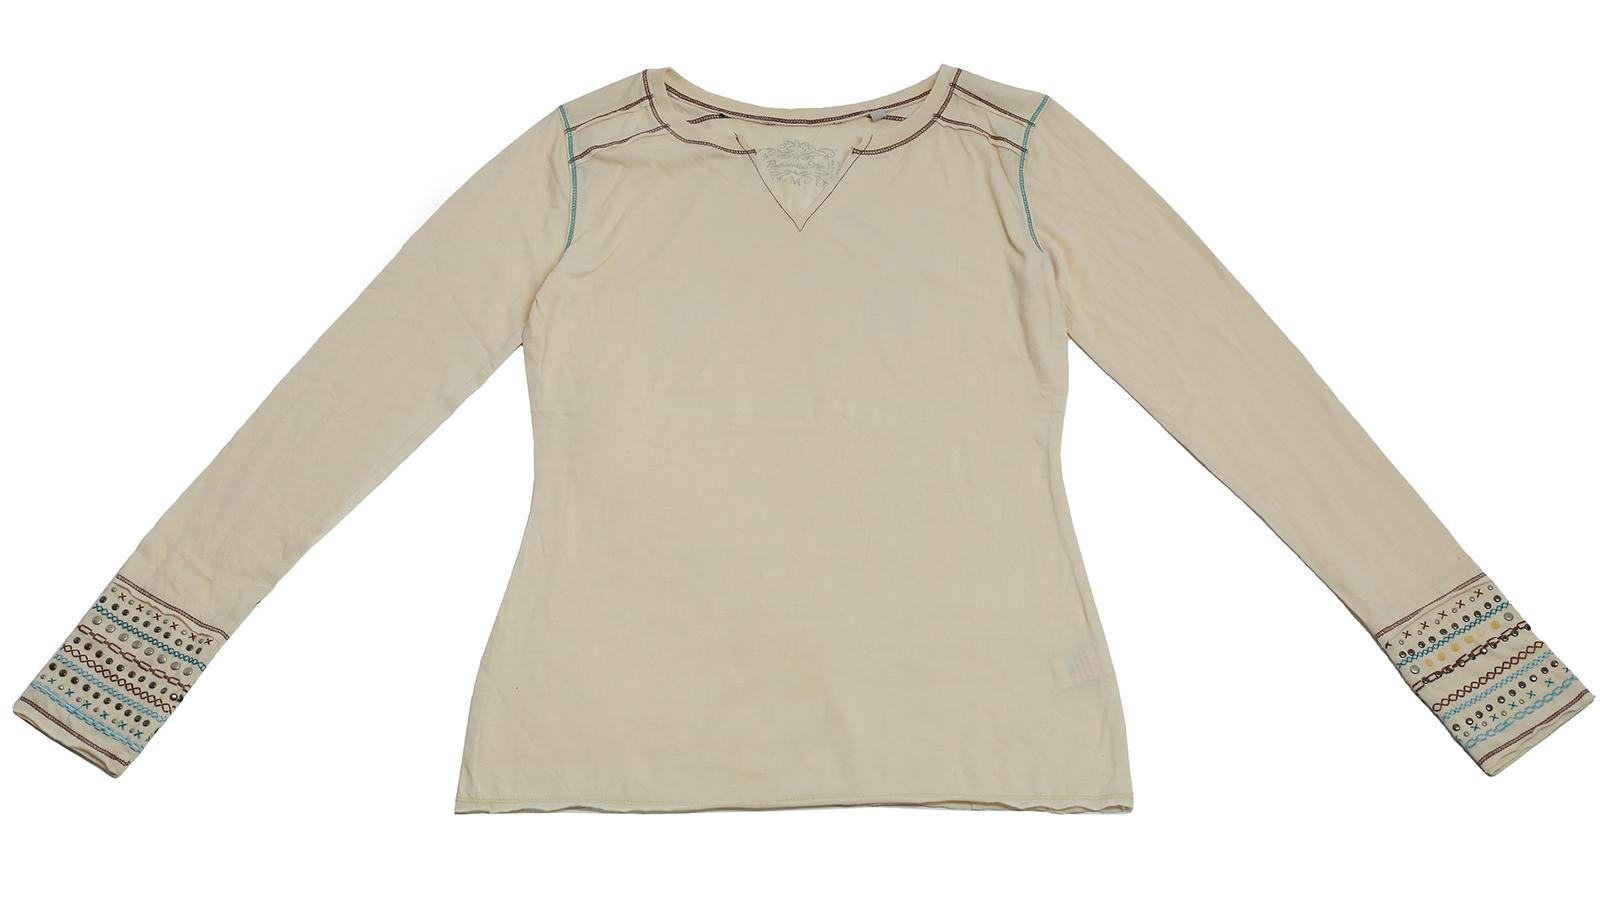 Белая кофточка Panhandle Slim с модной вышивкой. Эксклюзив для модниц!